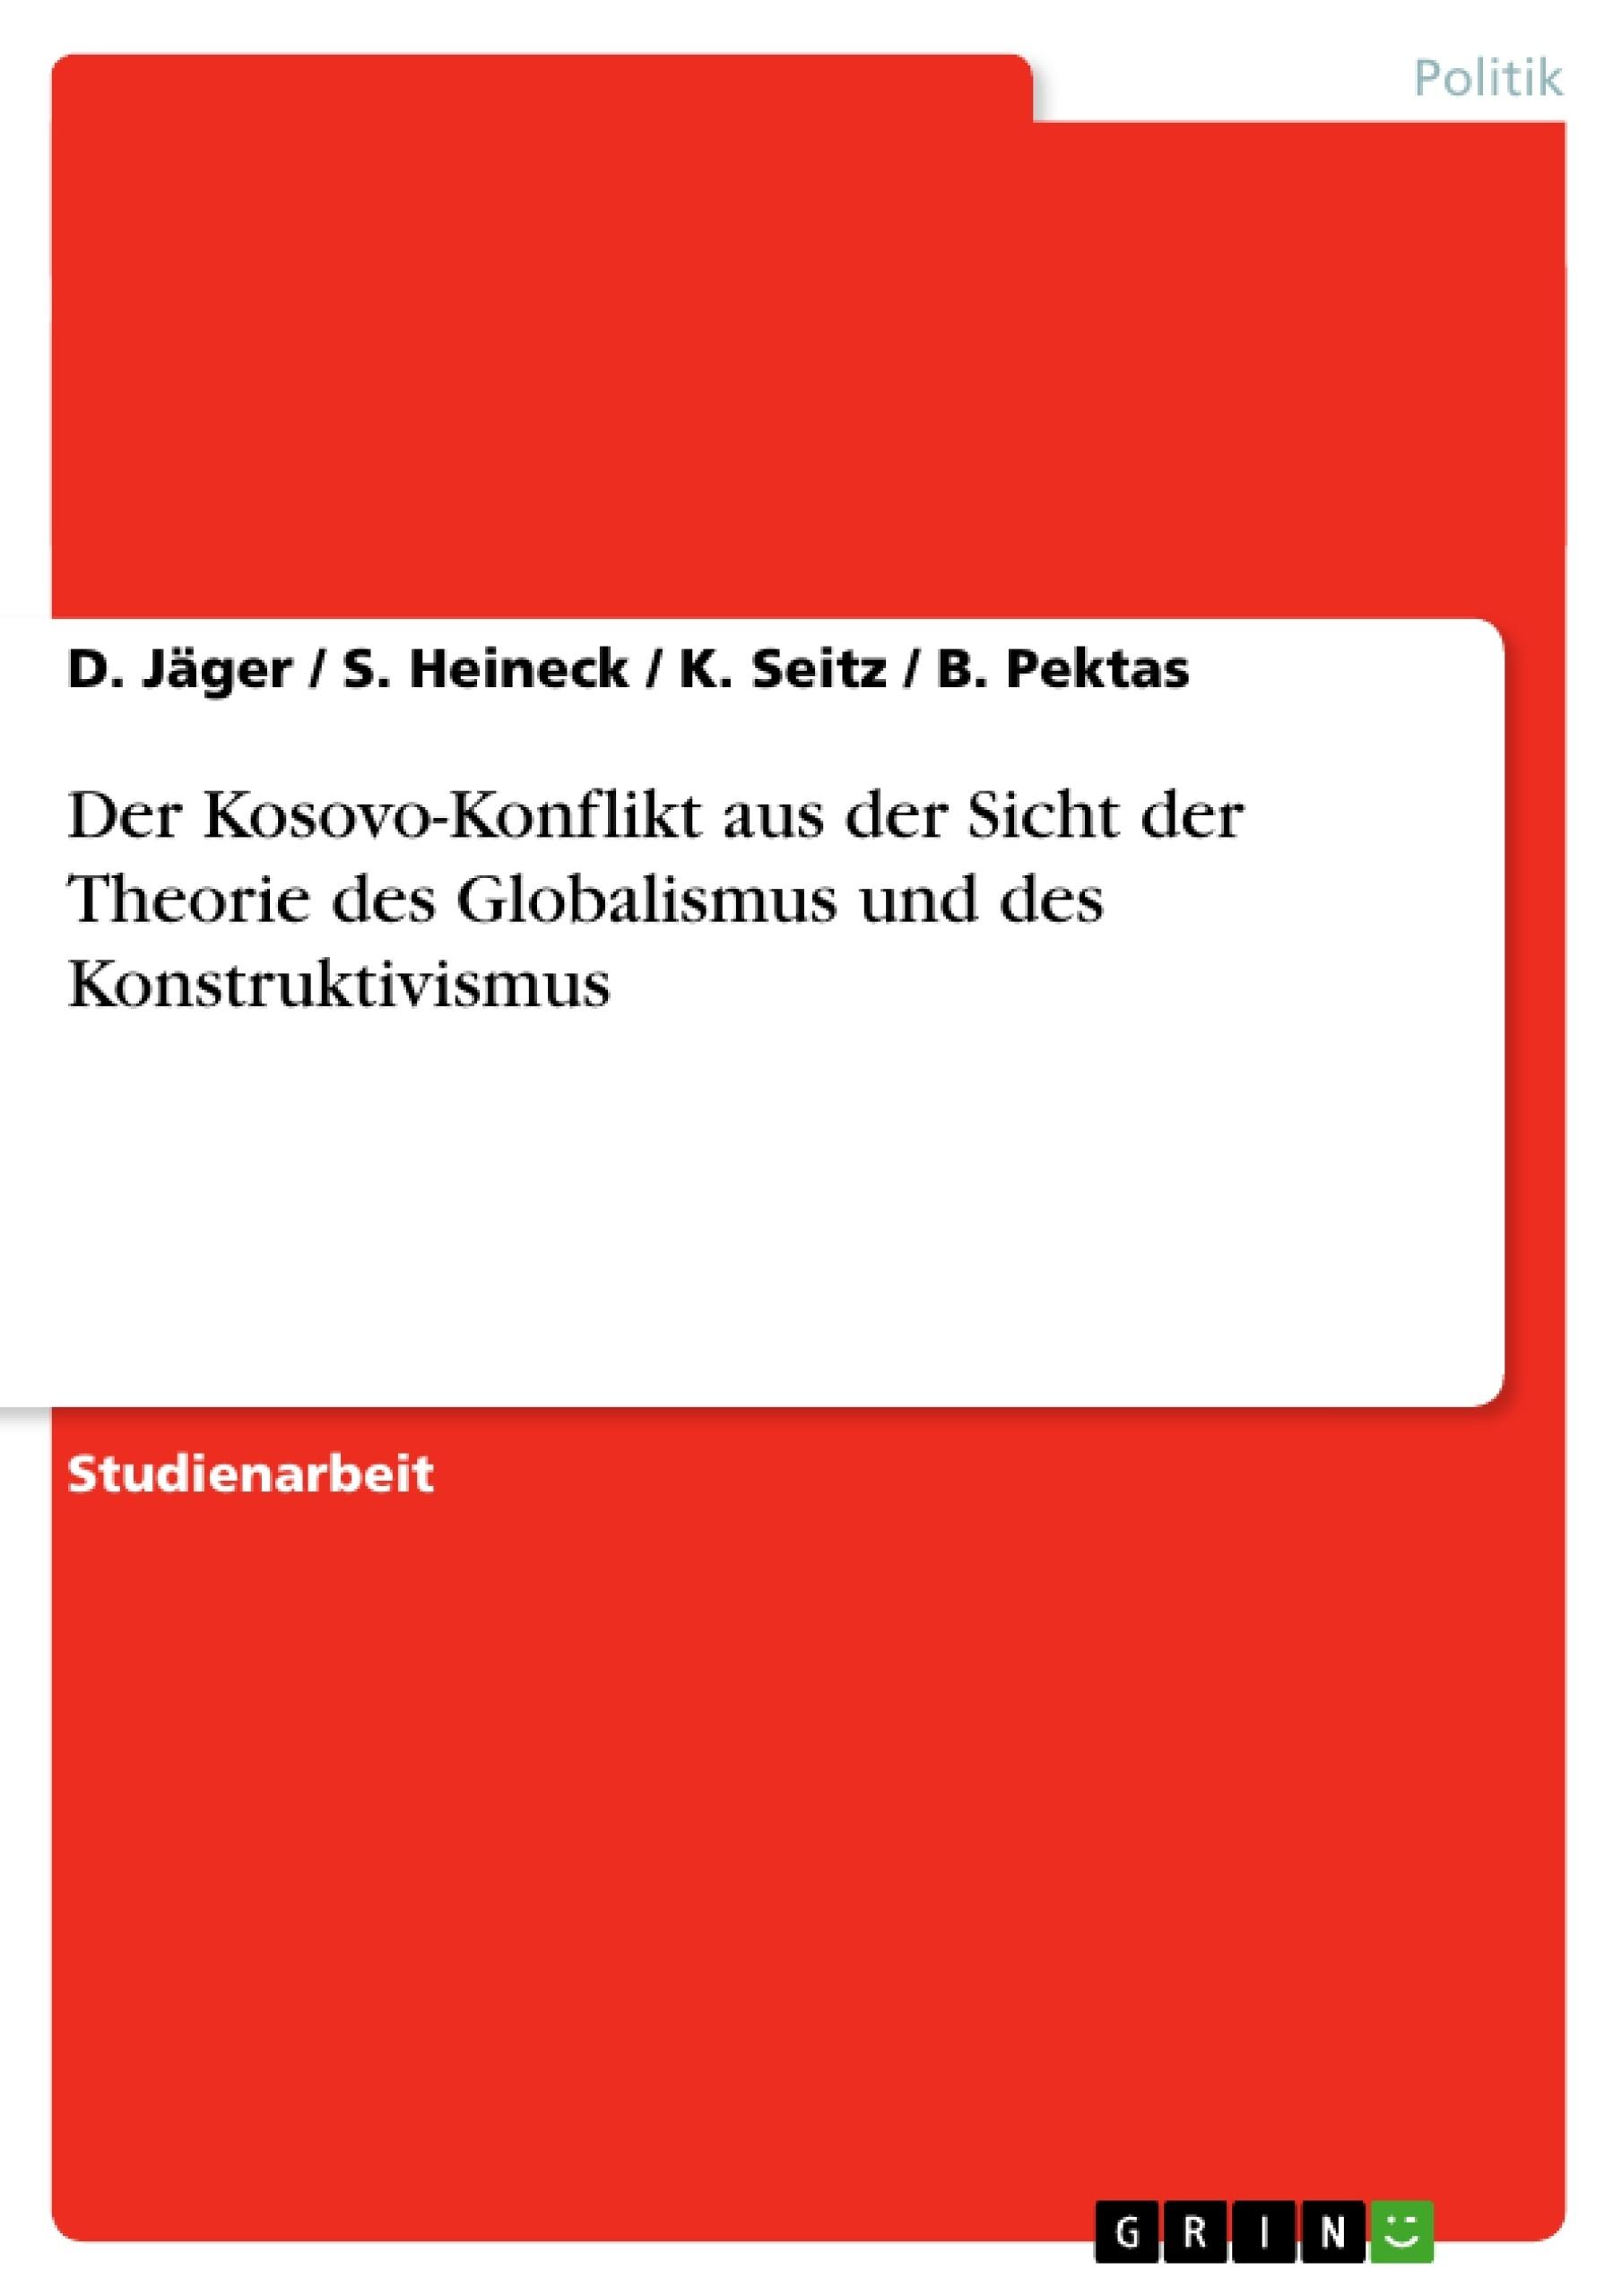 Titel: Der Kosovo-Konflikt aus der Sicht der Theorie des Globalismus und des Konstruktivismus